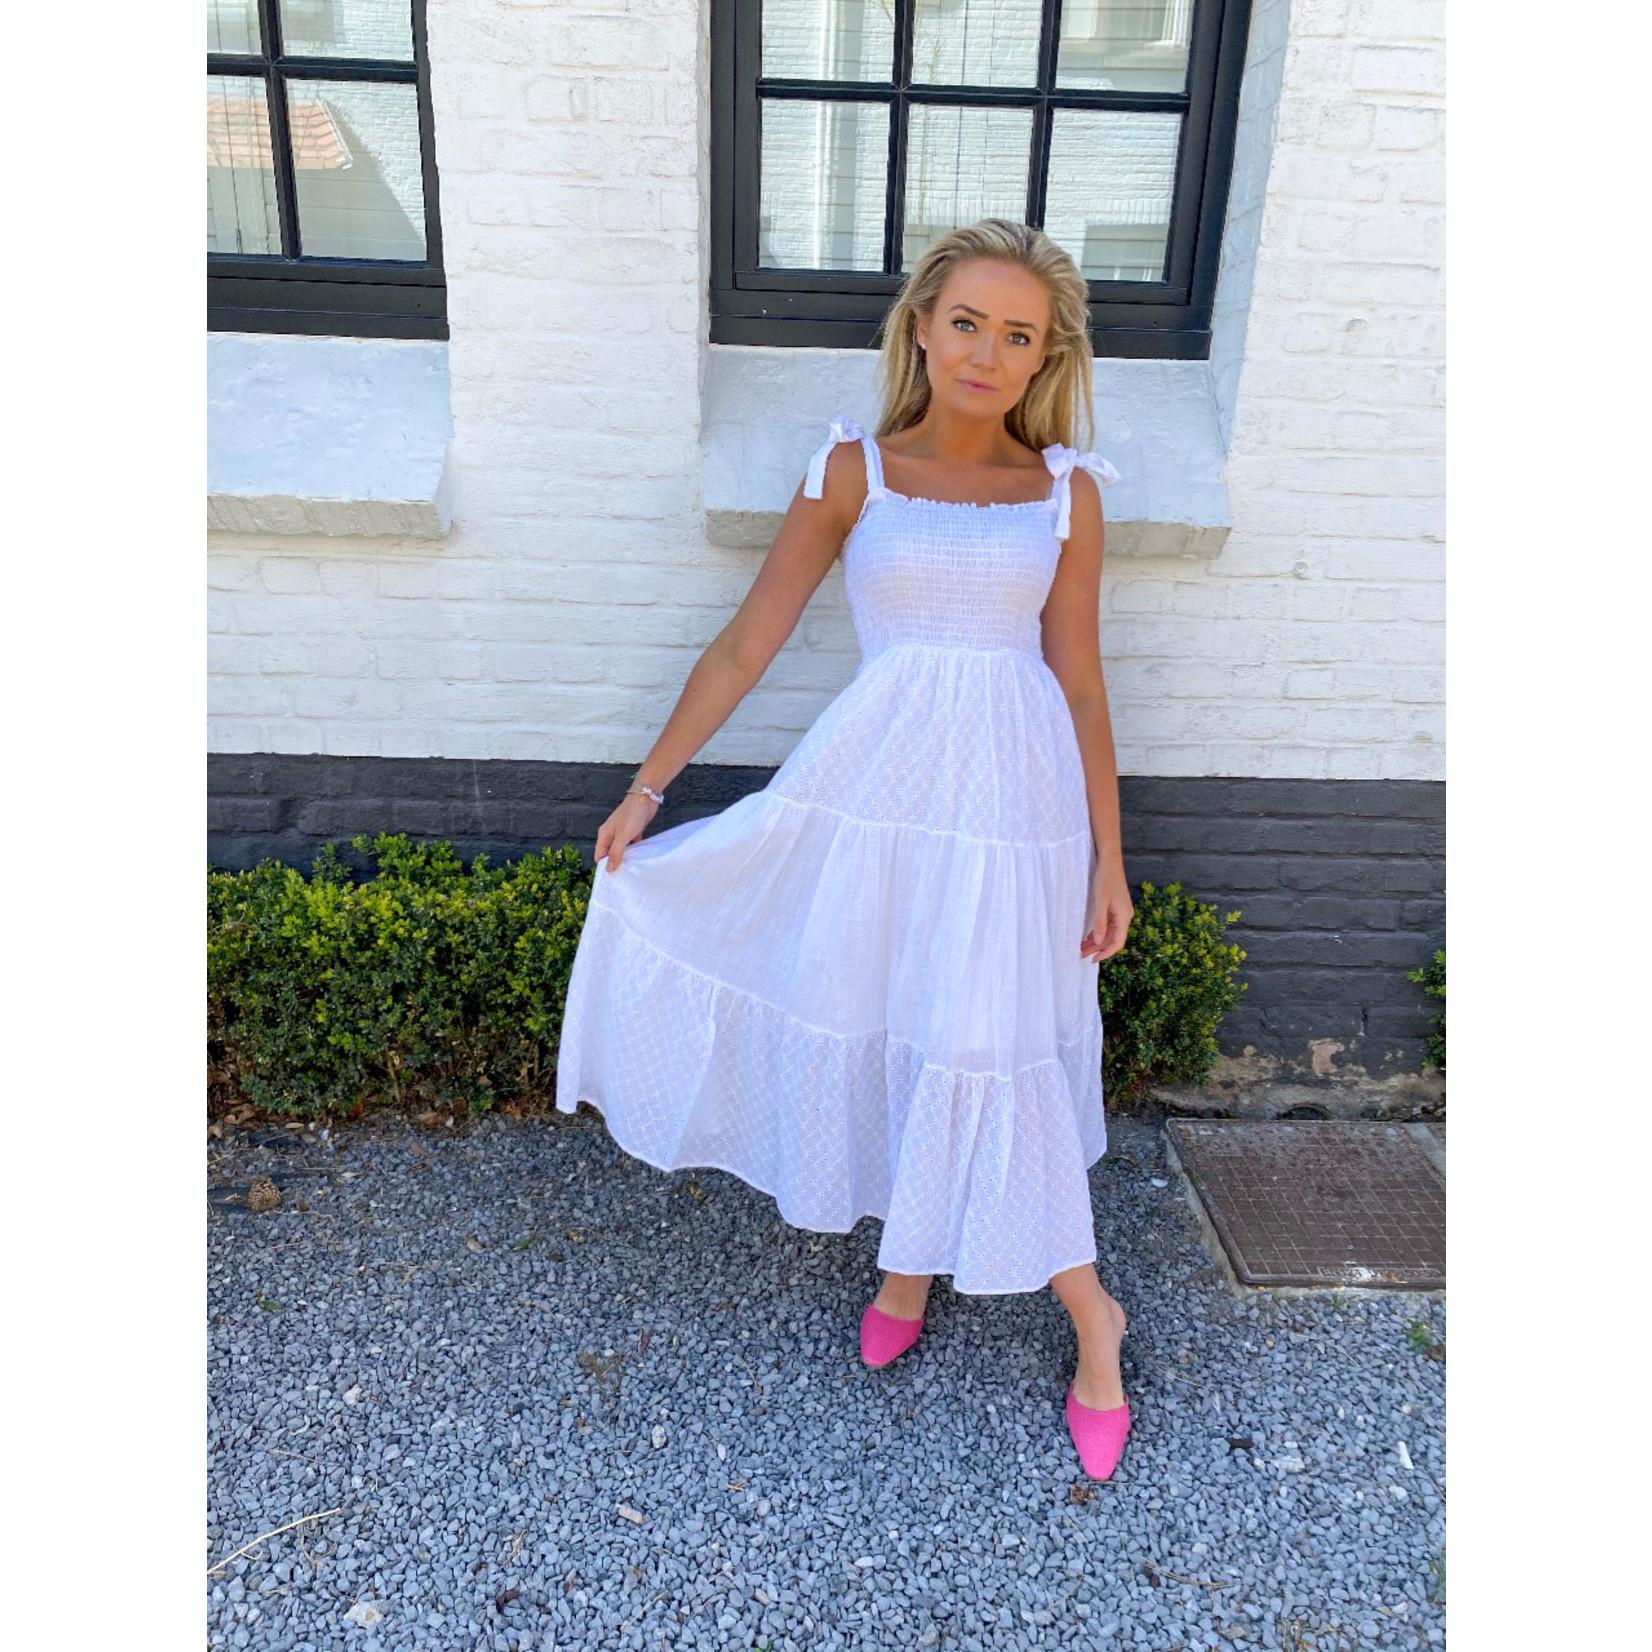 Dress - Rosie